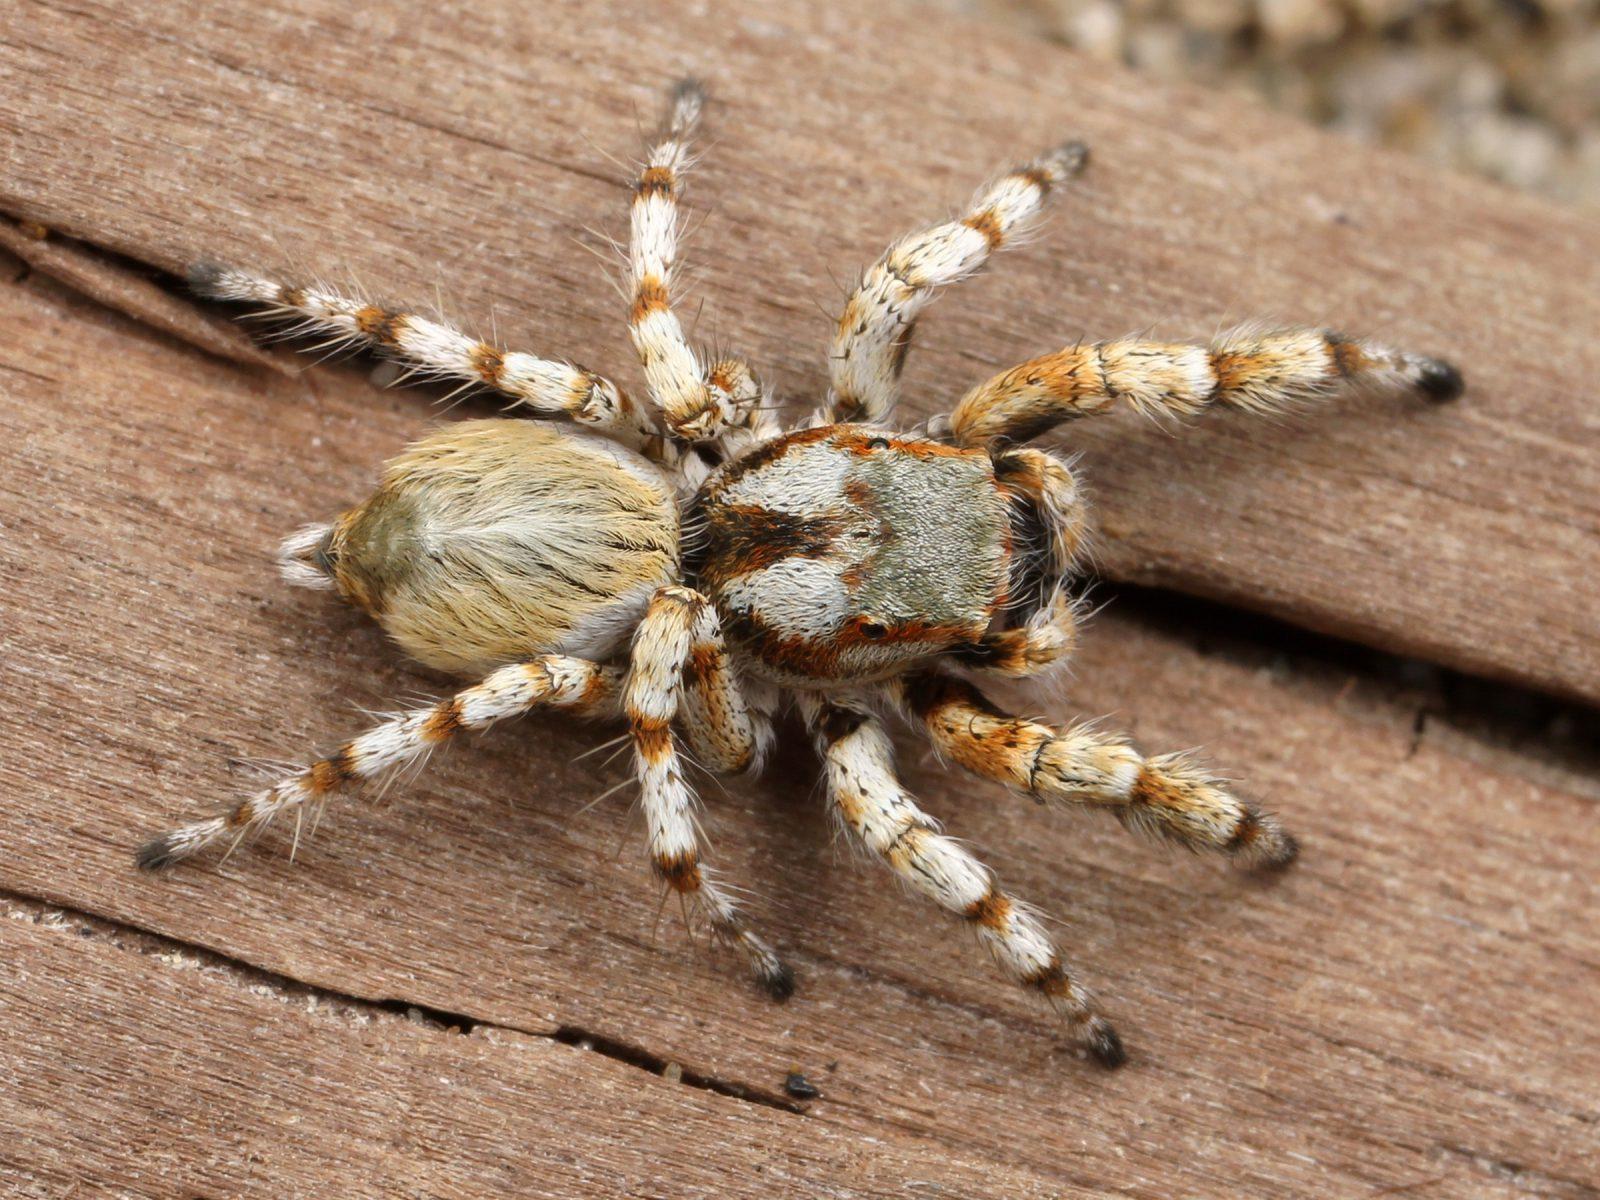 Sonhar com aranha atacando significa conflito com a sua mãe.